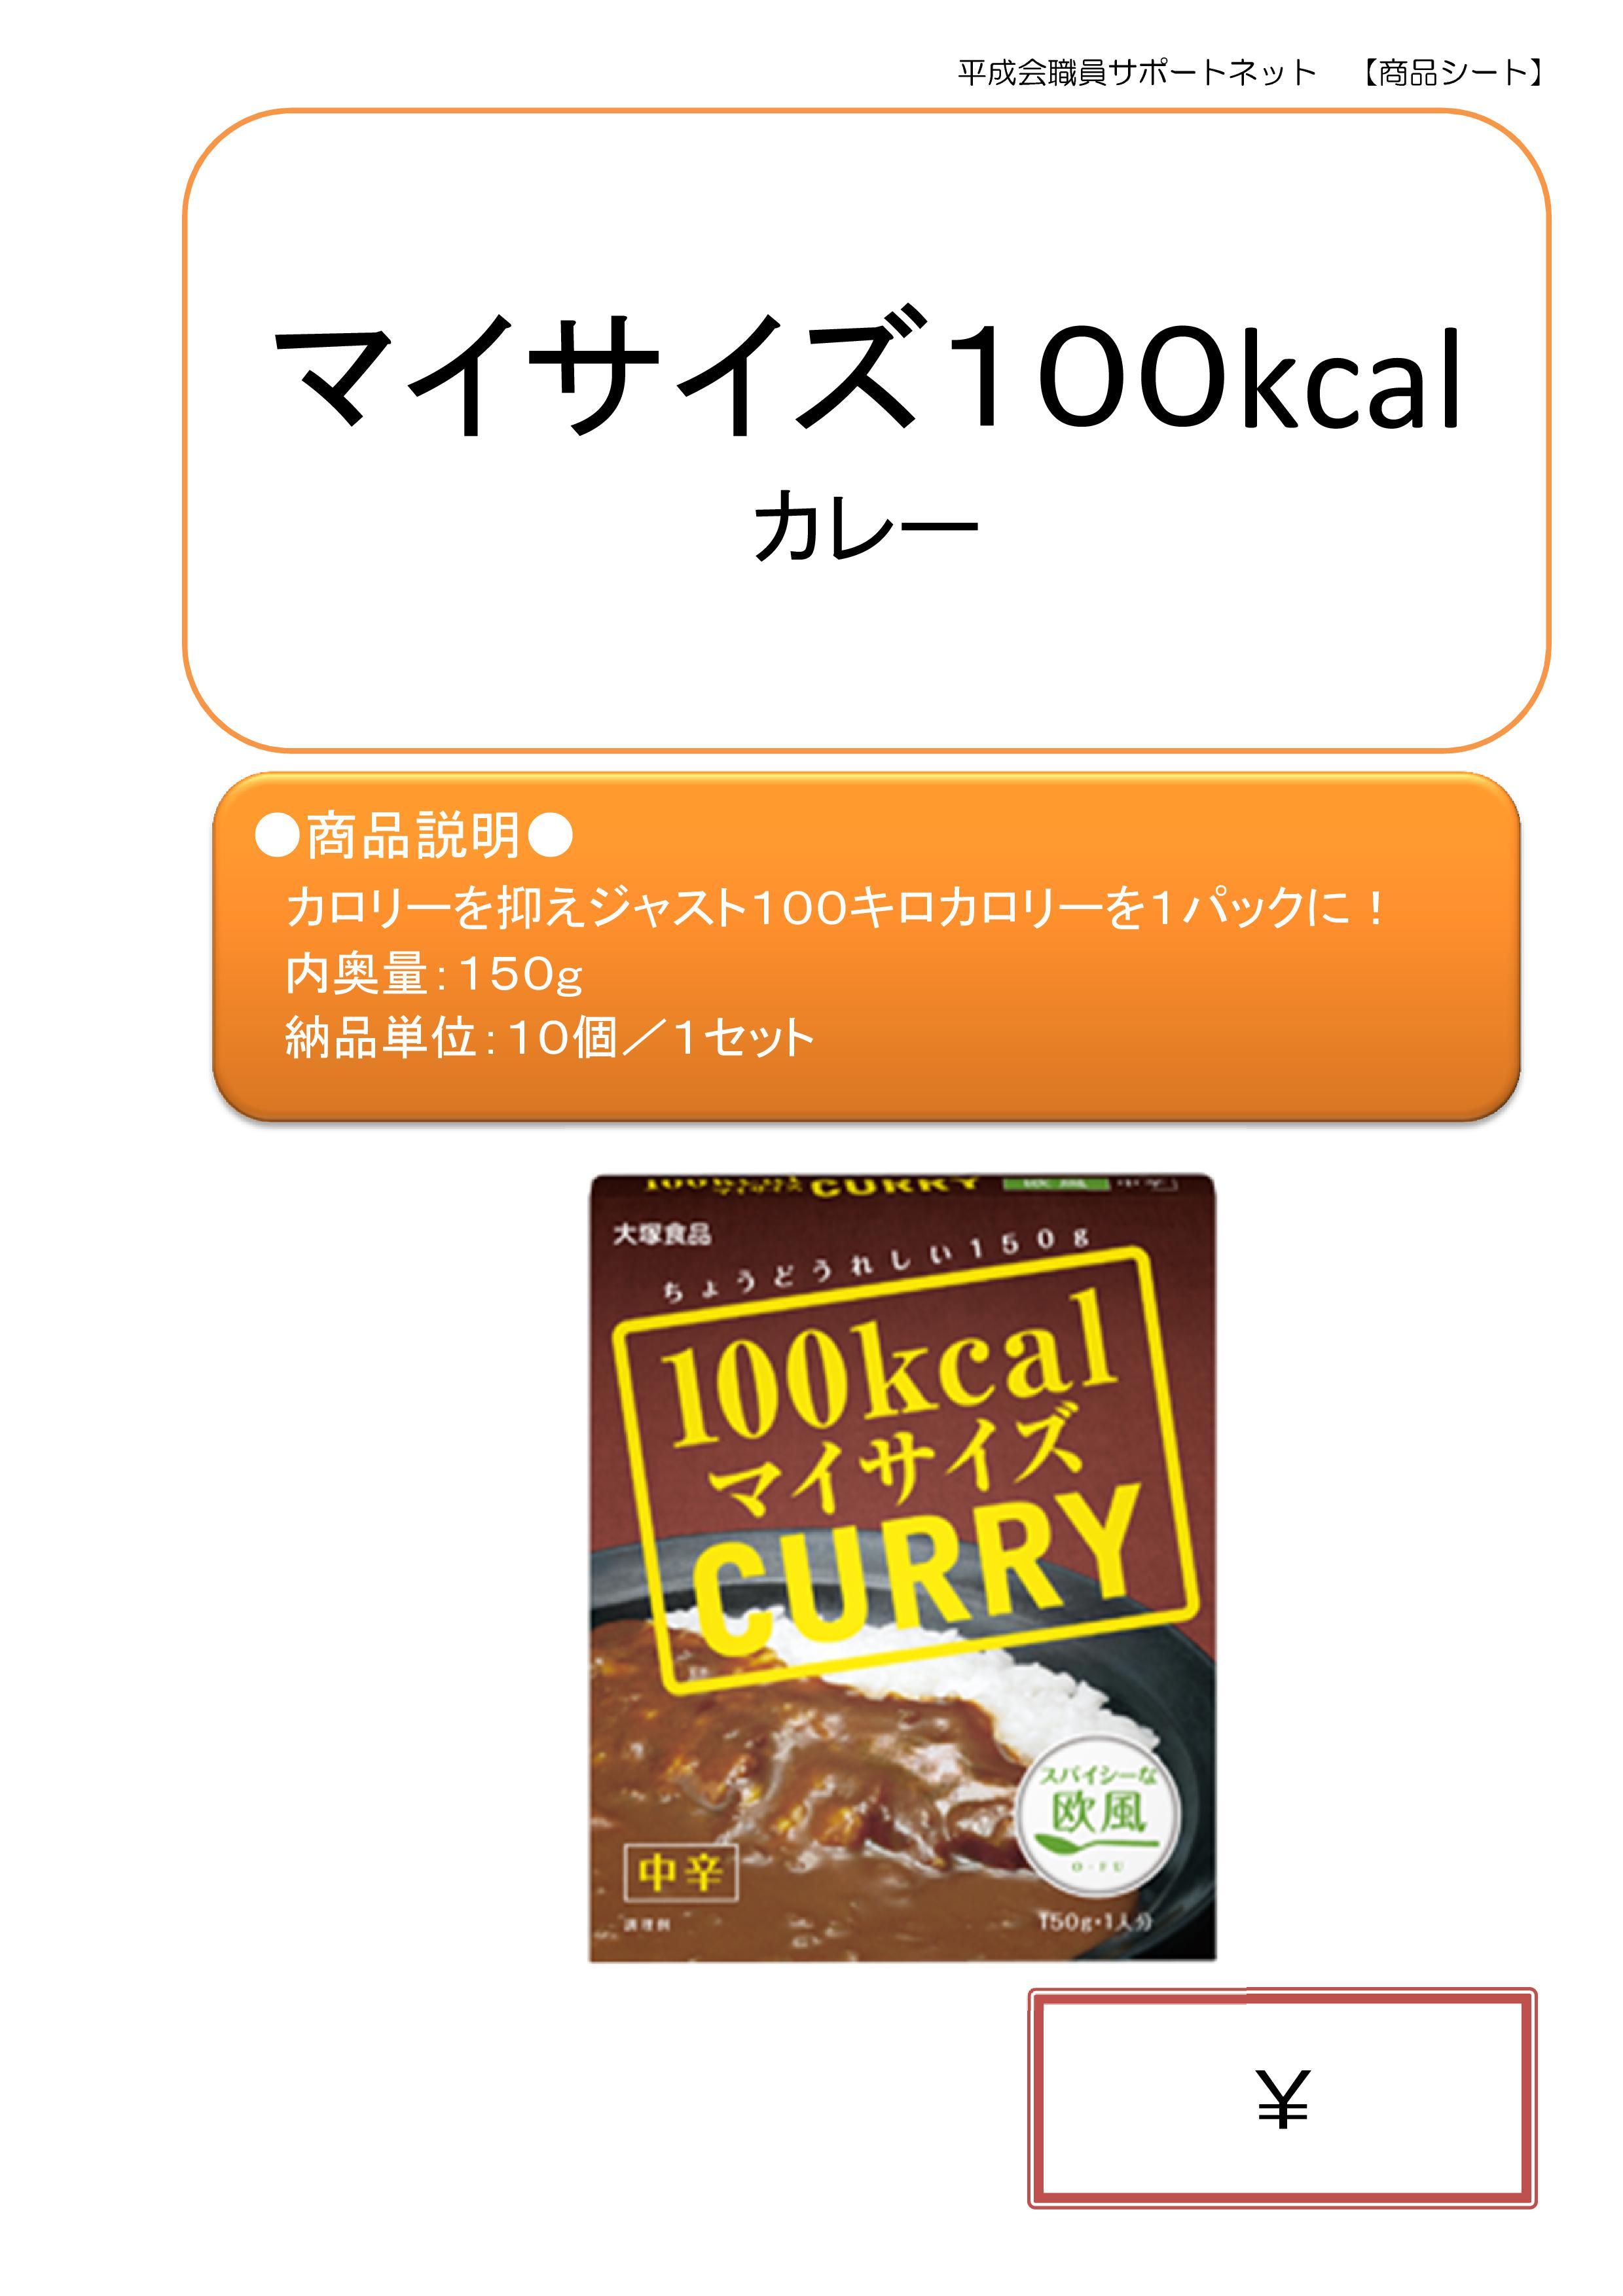 マイサイズ100kcal(カレー)